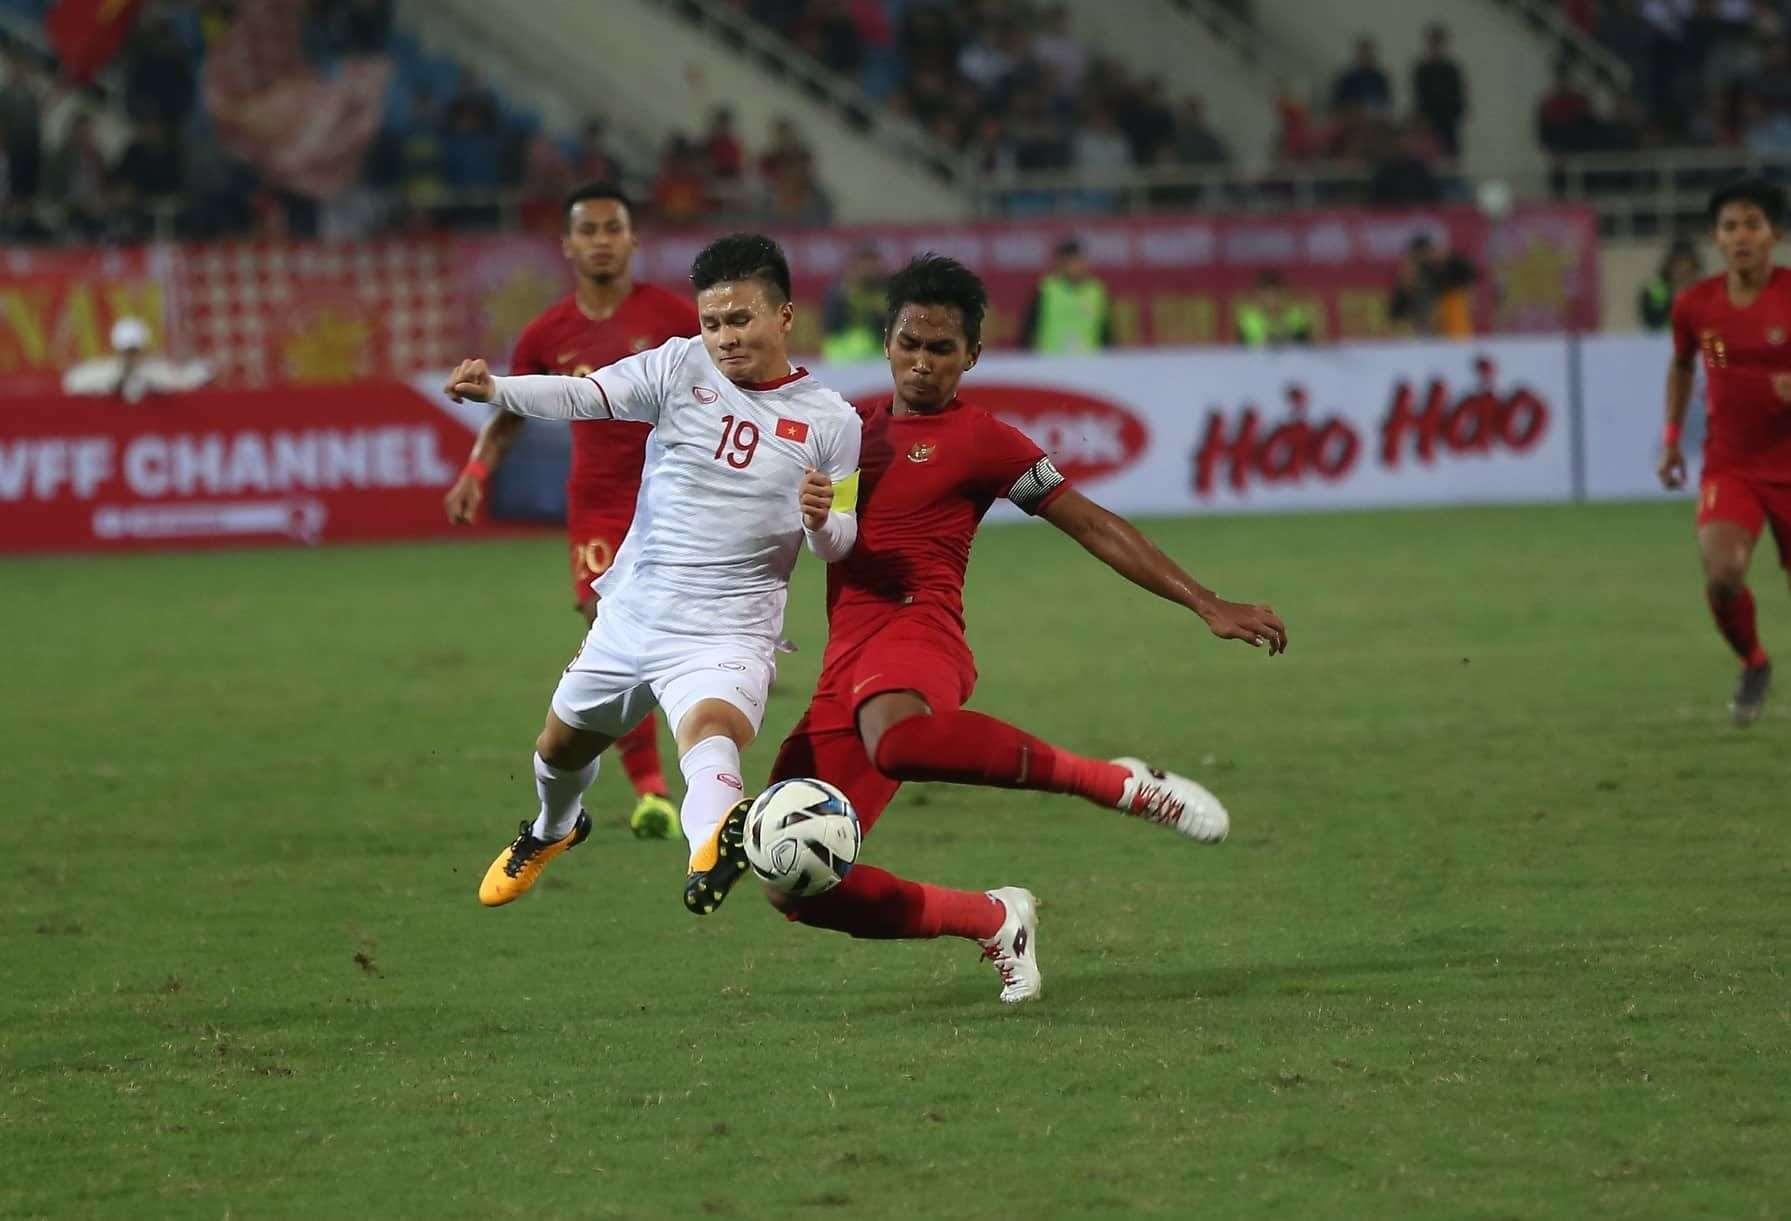 Đội trưởng Quang Hải cùng U23 Việt Nam có trận đấu vất vả trước U23 Indonesia